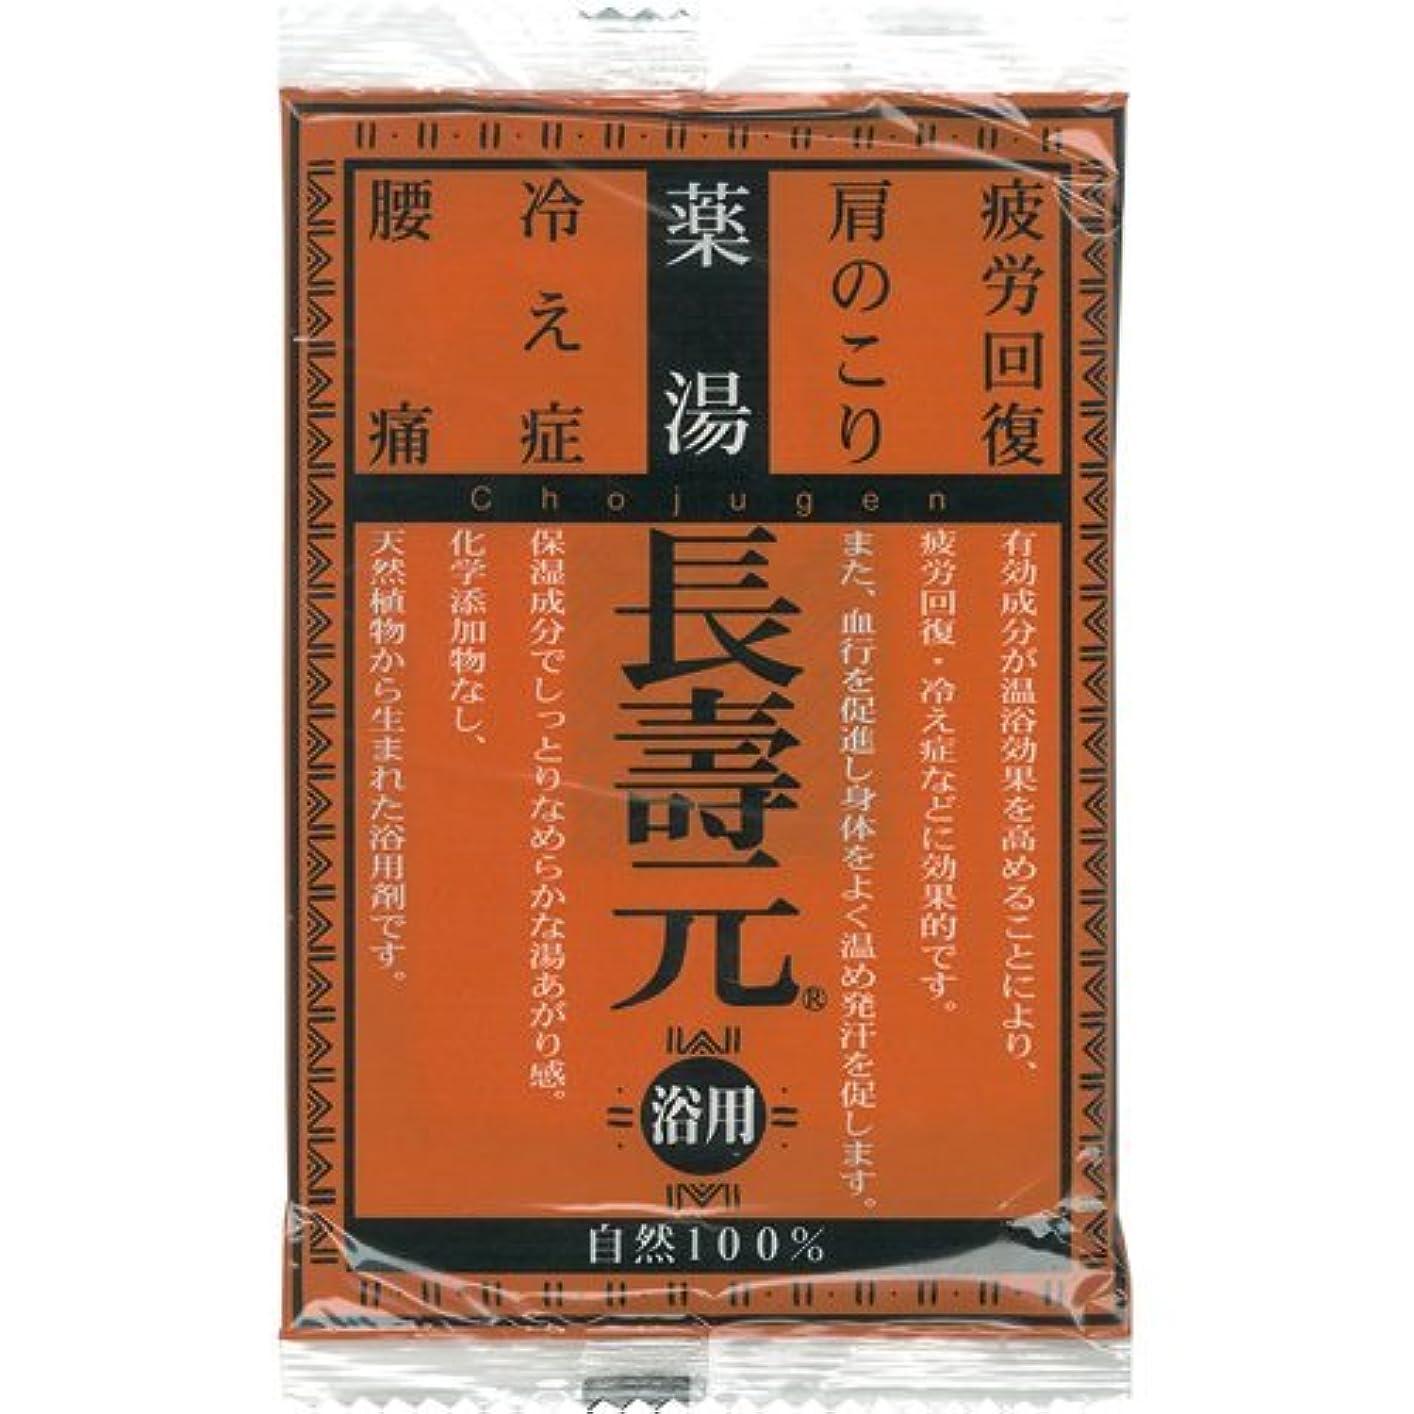 反射達成するり松田医薬品 長壽元 50g